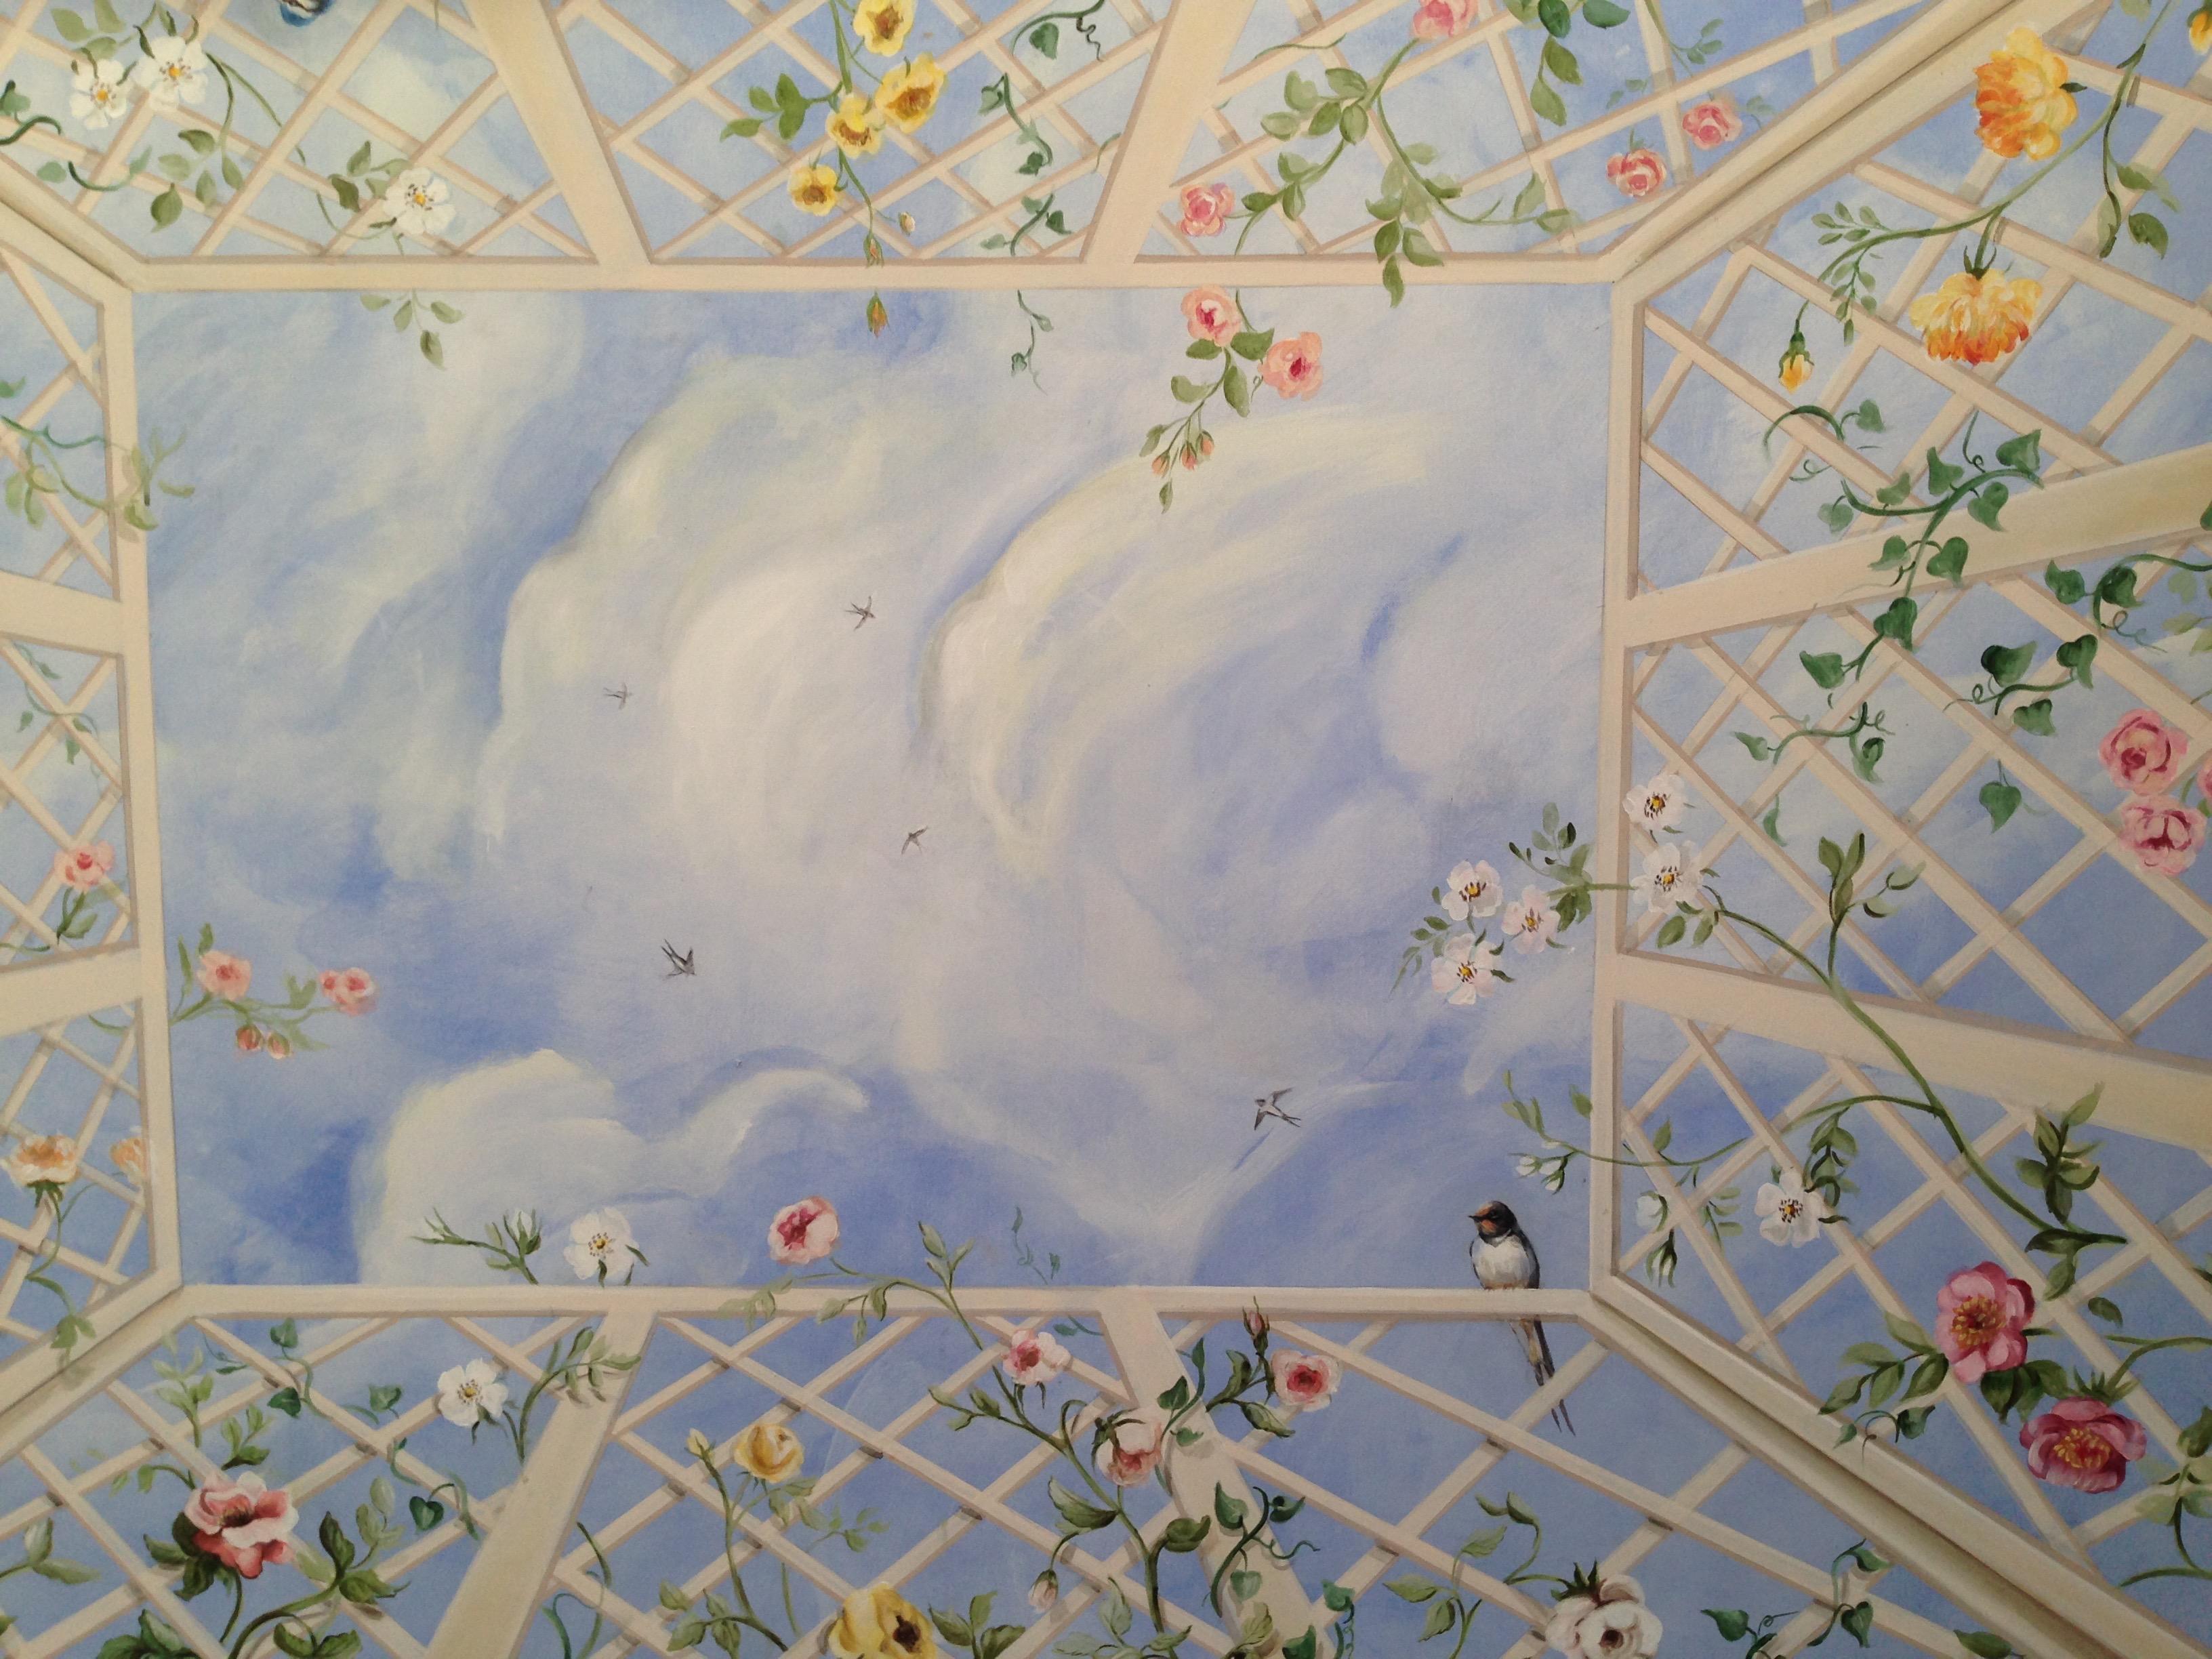 Un soffitto decorato con un trompe l'oeil dipinto su tela